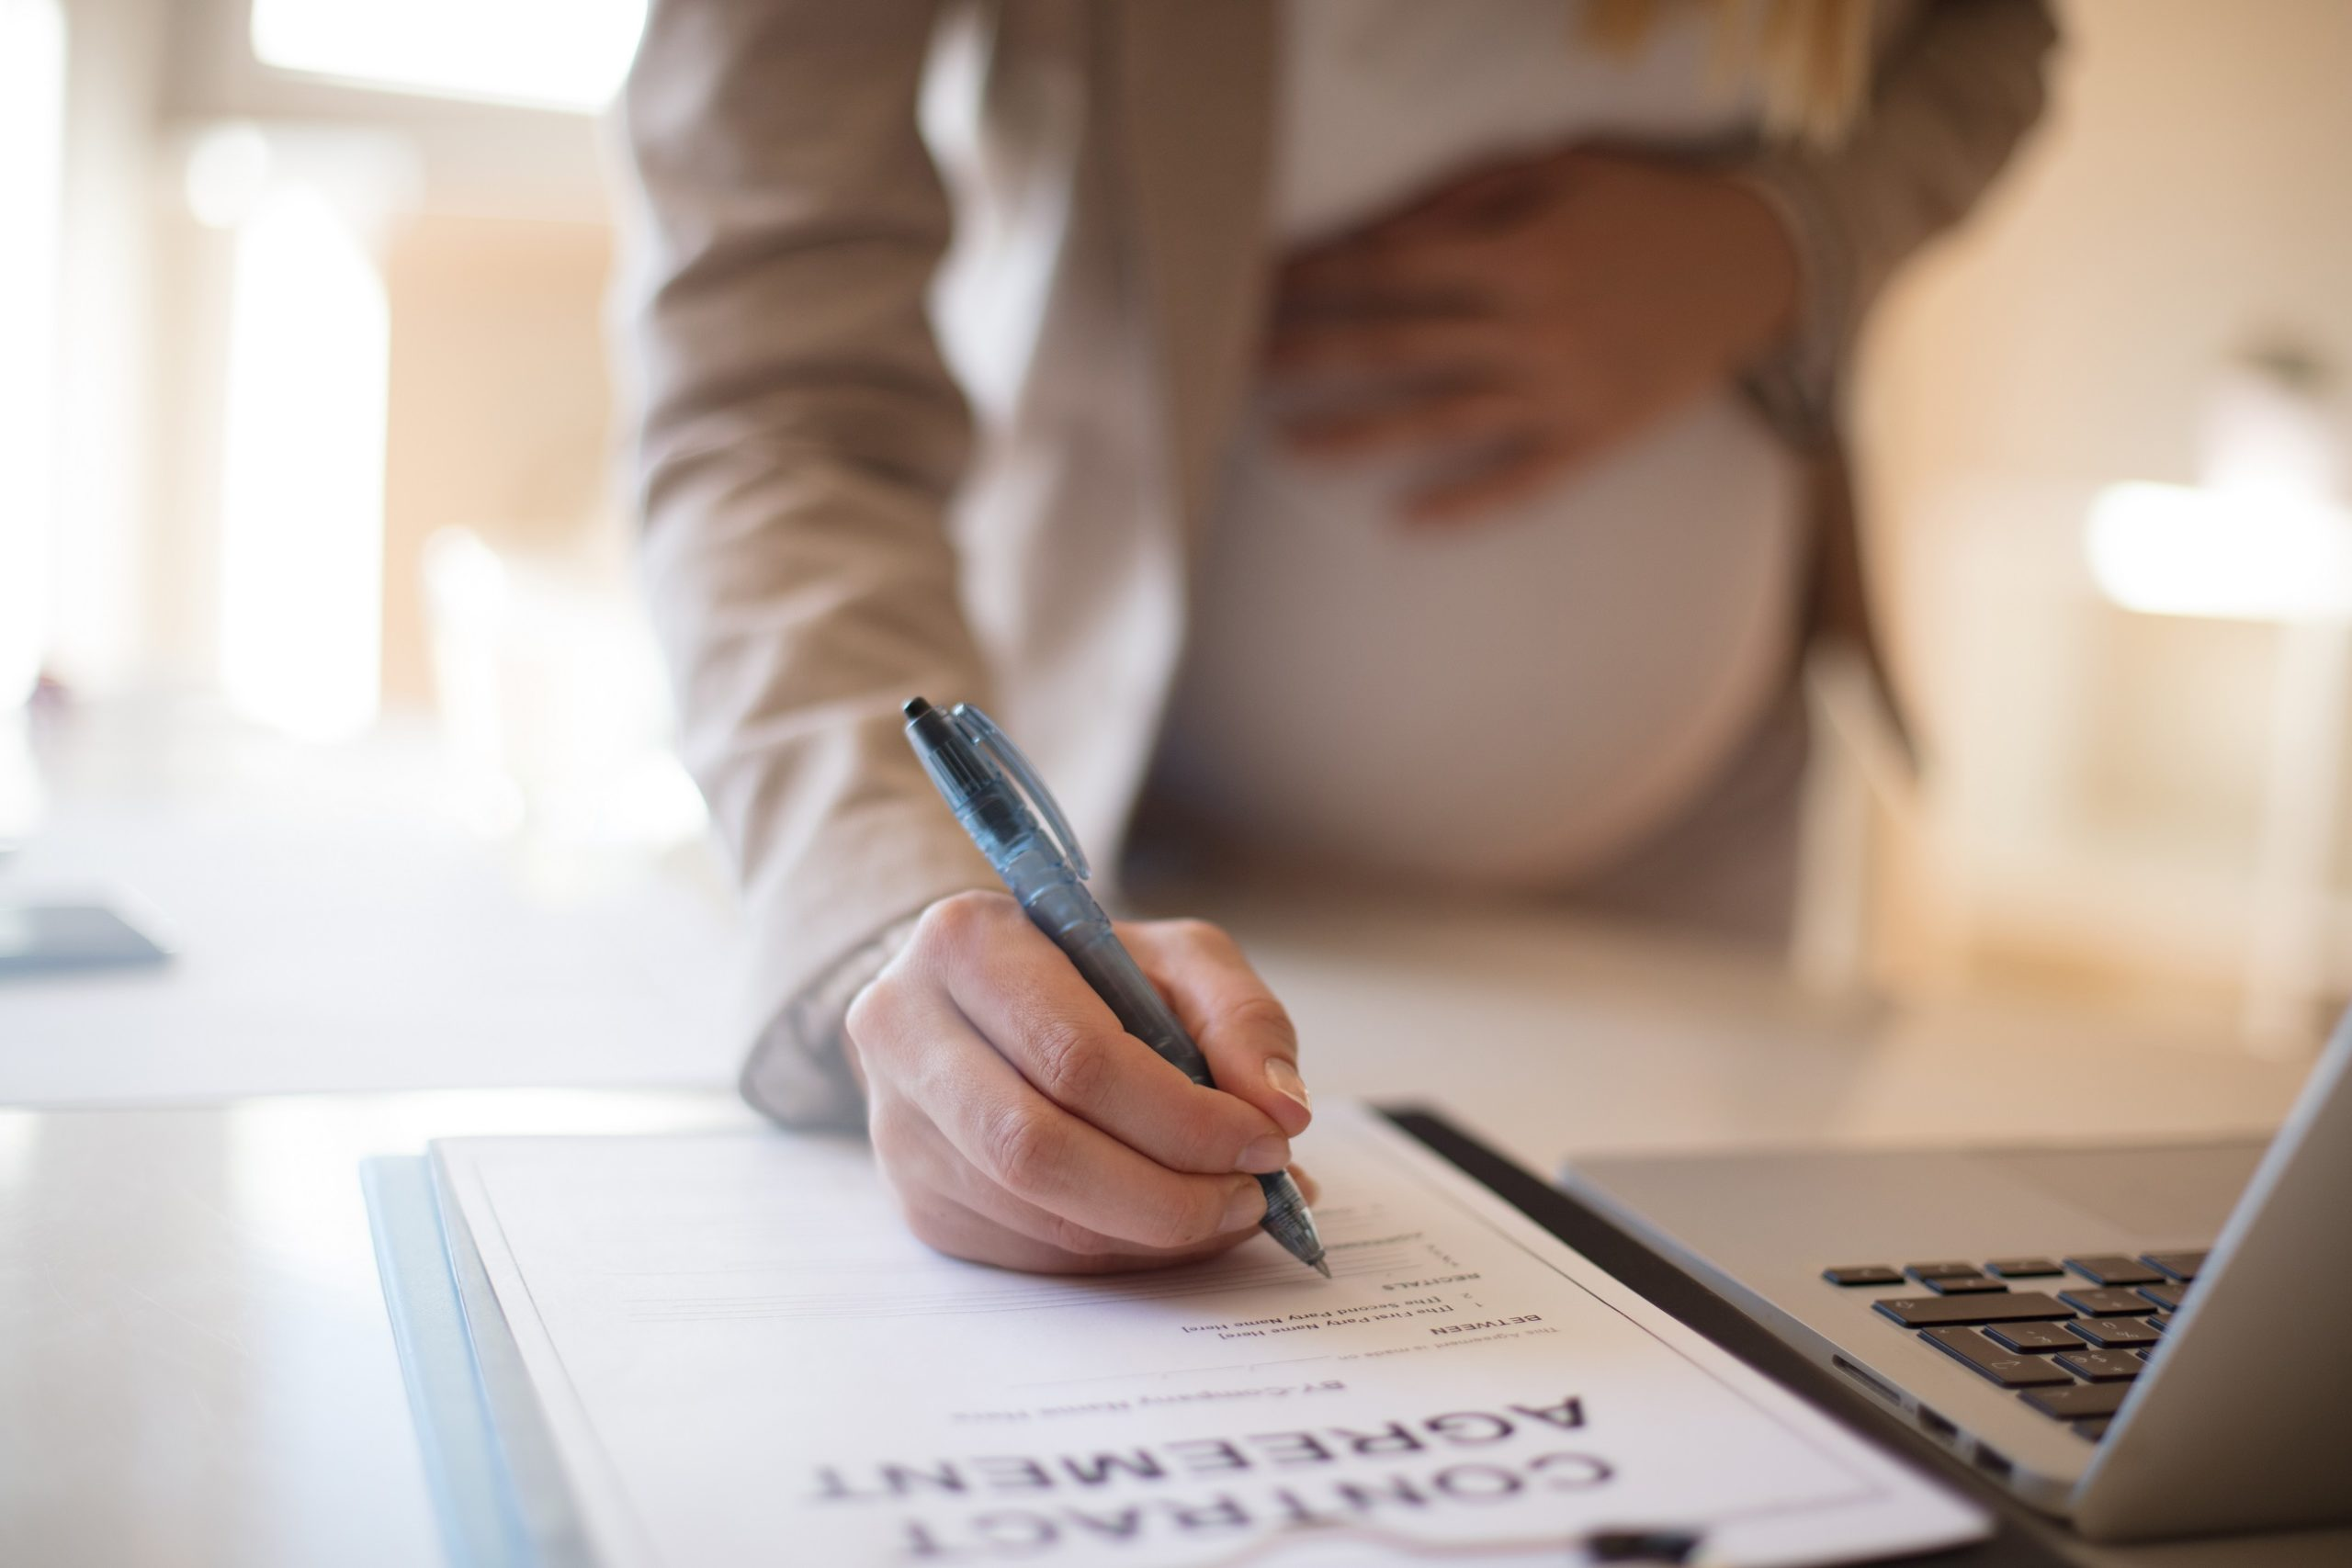 Осигуряване по граждански договор по време на отпуск поради бременност и раждане